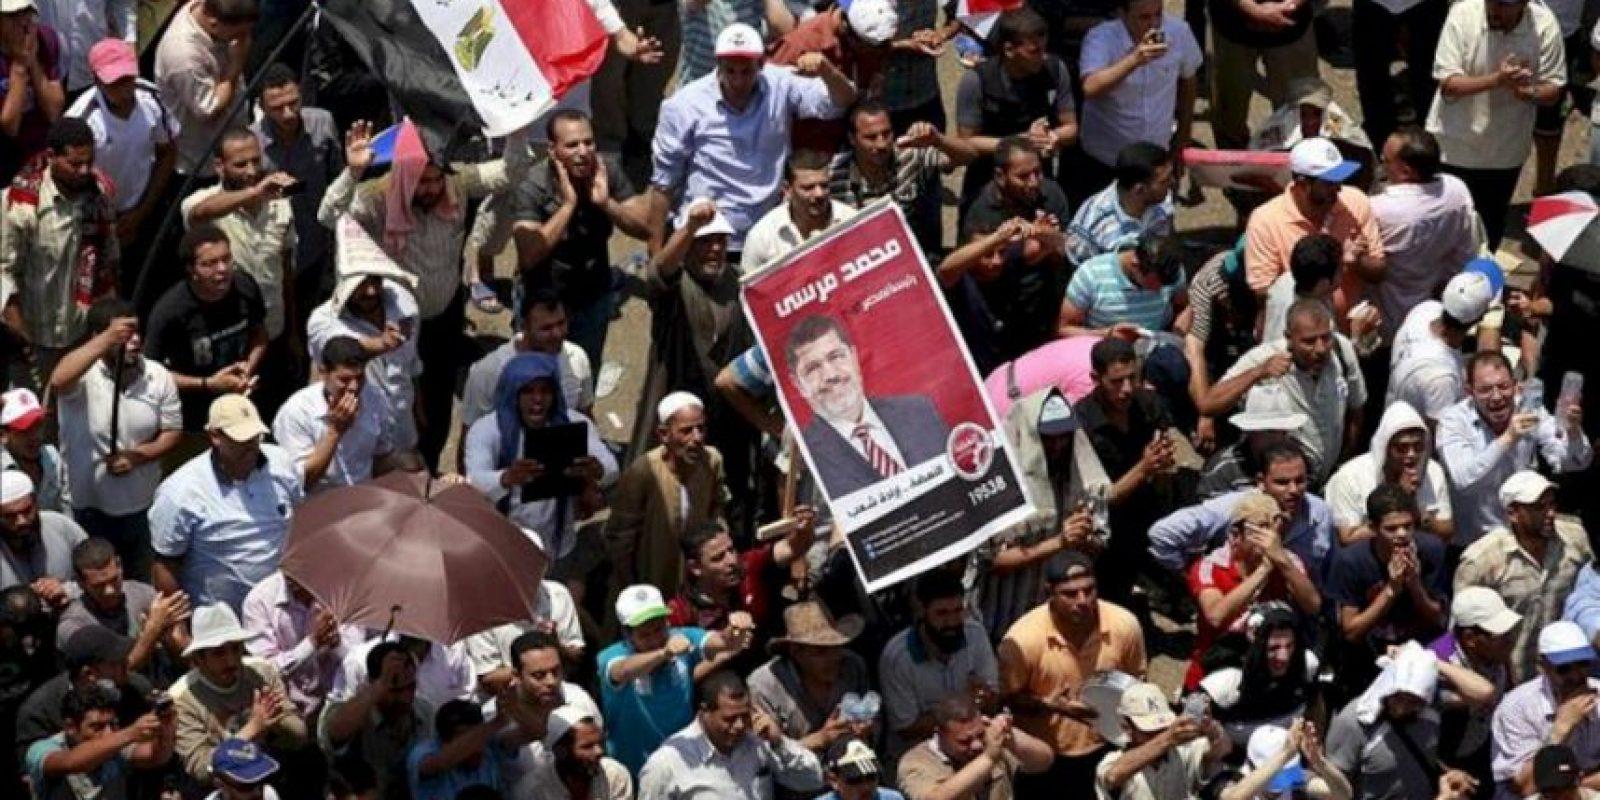 Seguidores del candidato de los Hermanos Musulmanes, Mohamed Mursi, durante una protesta hoy en la plaza Tahrir de El Cairo, Egipto. EFE